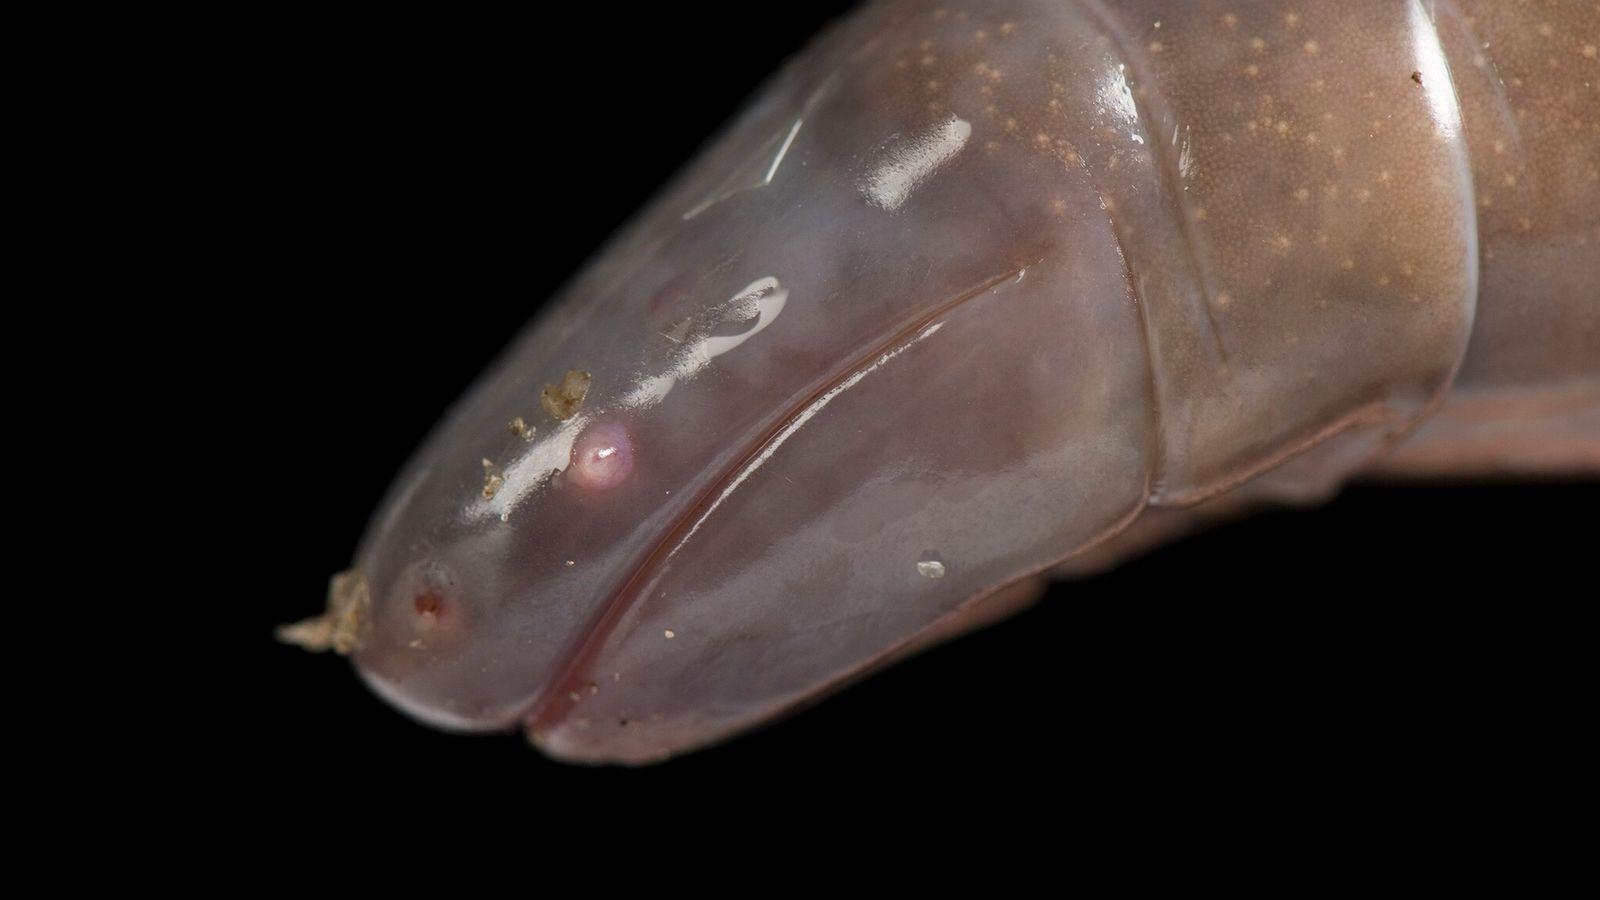 Dermophis mexicanus